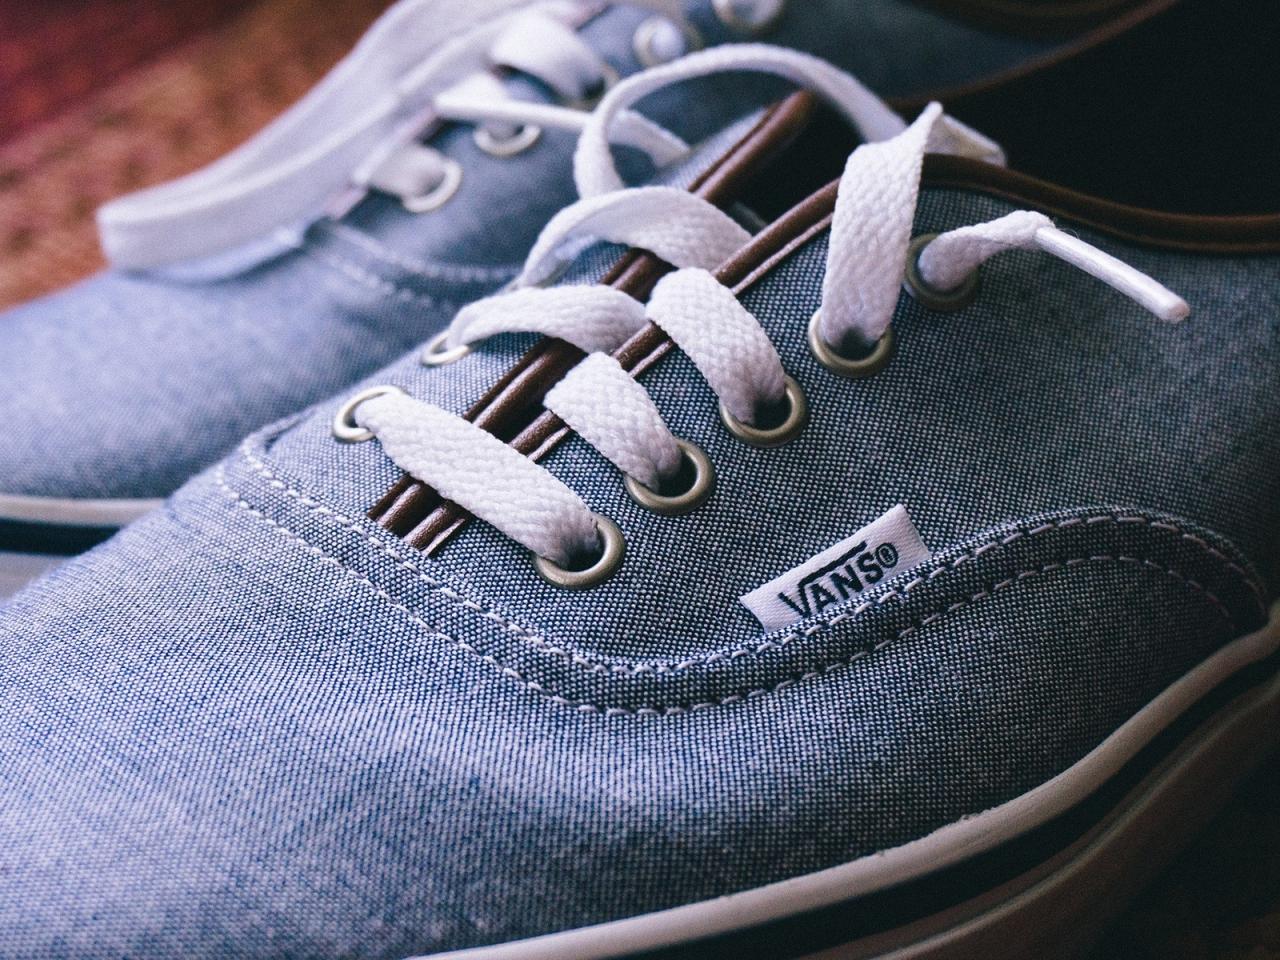 Zapatillas de lona - 1280x960